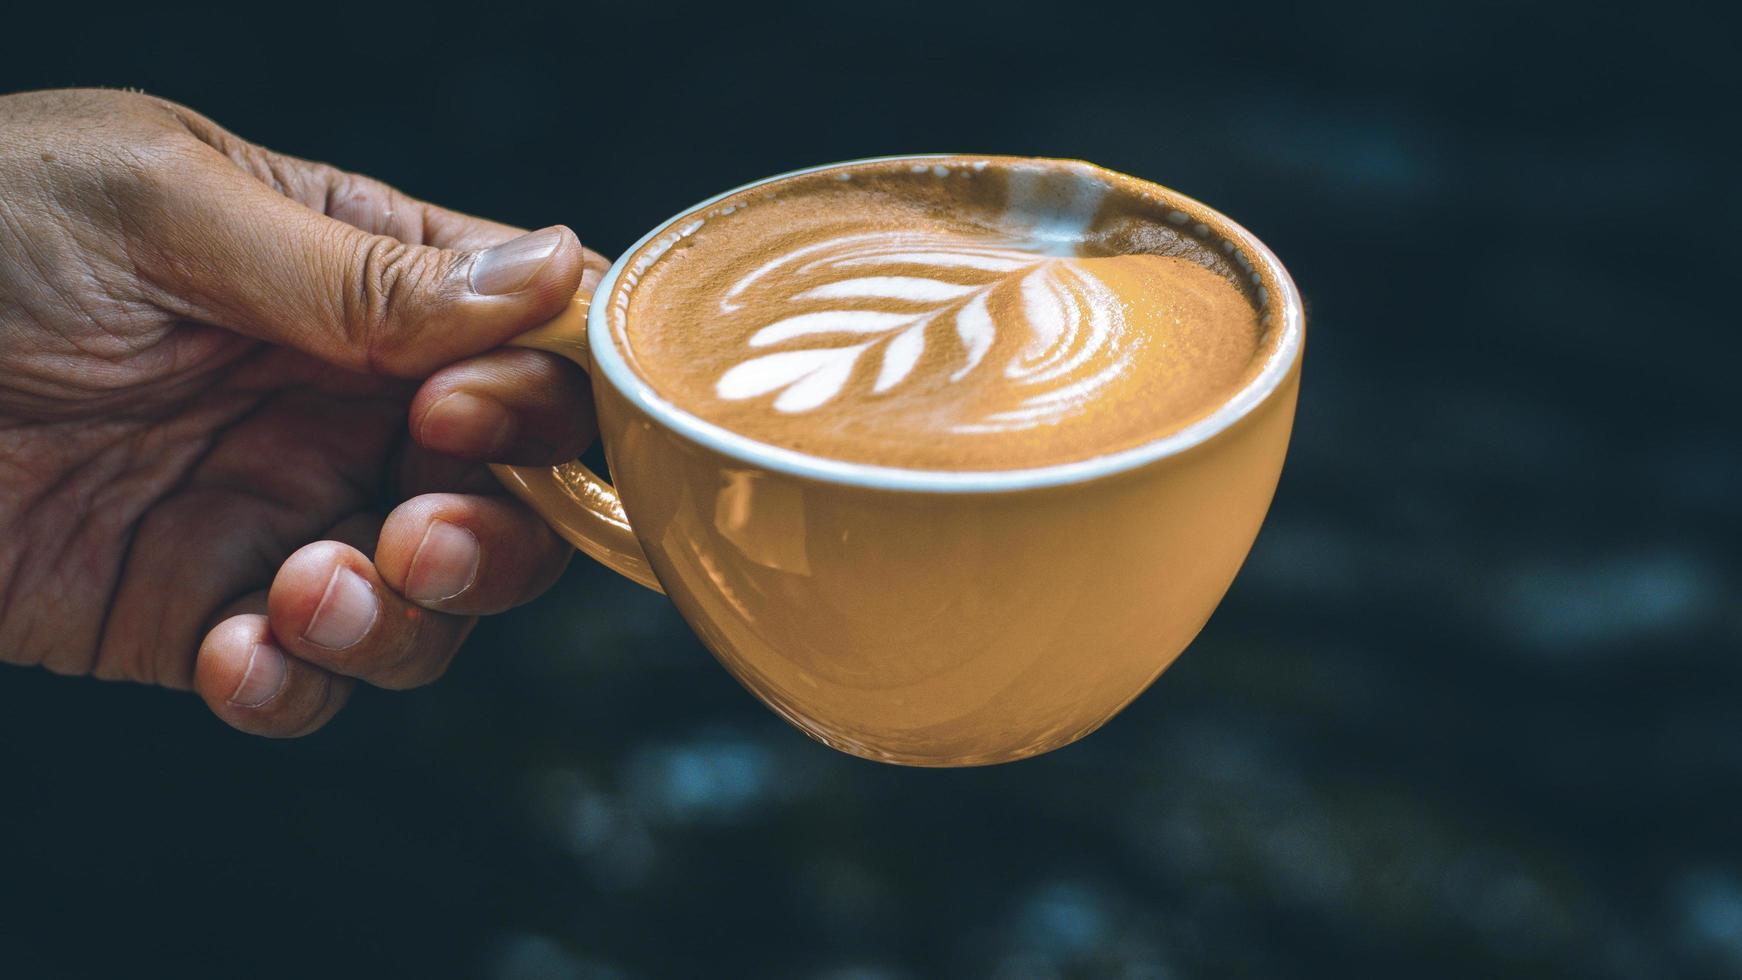 mano sosteniendo un café con leche en una taza amarilla foto